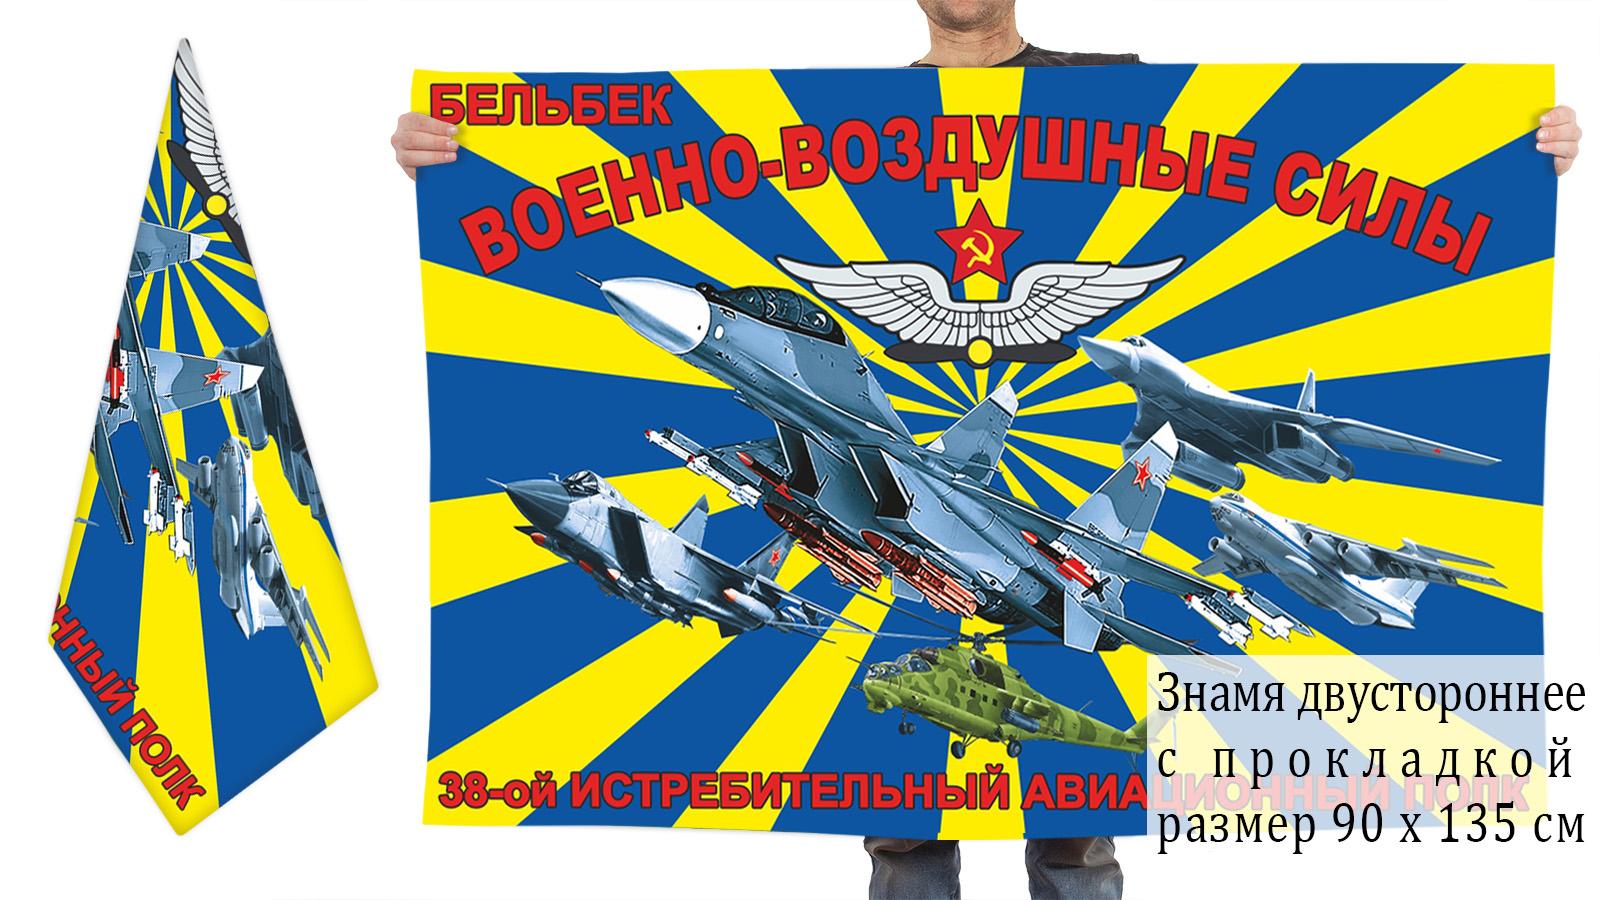 Заказать флаг 38 истребительный авиационный полк Бельбек